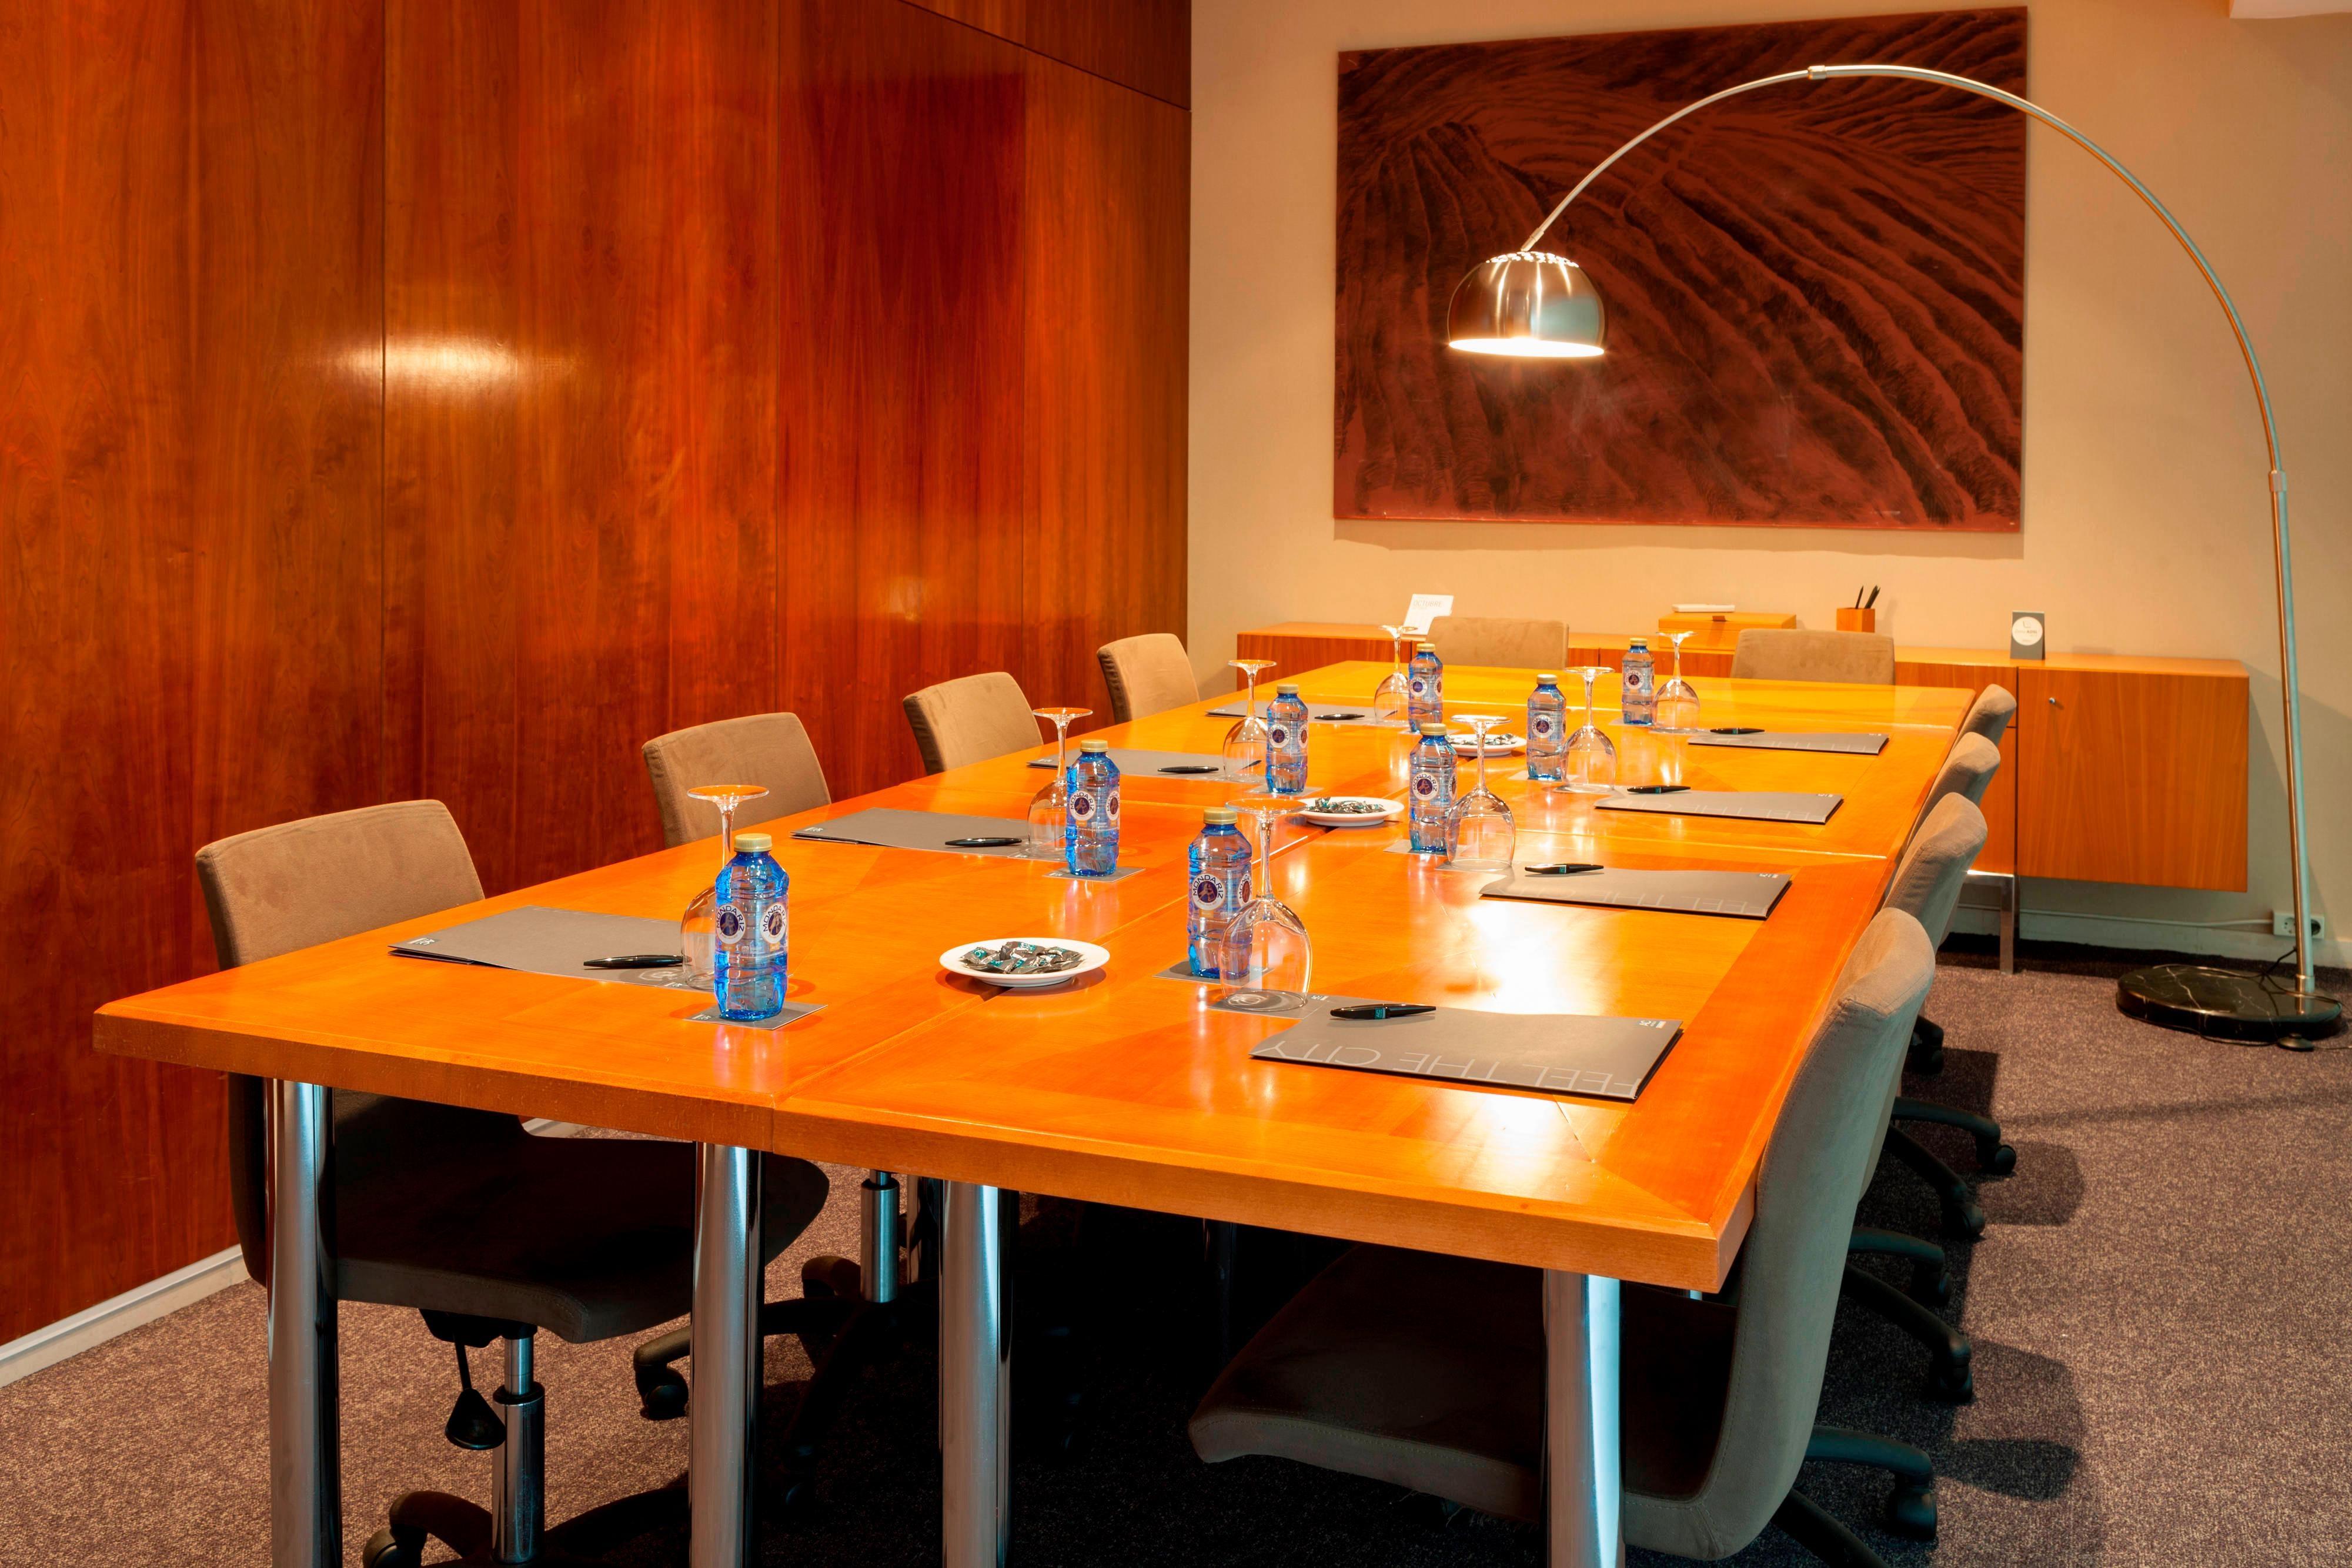 Hôtel pour réunions et événements à La Corogne